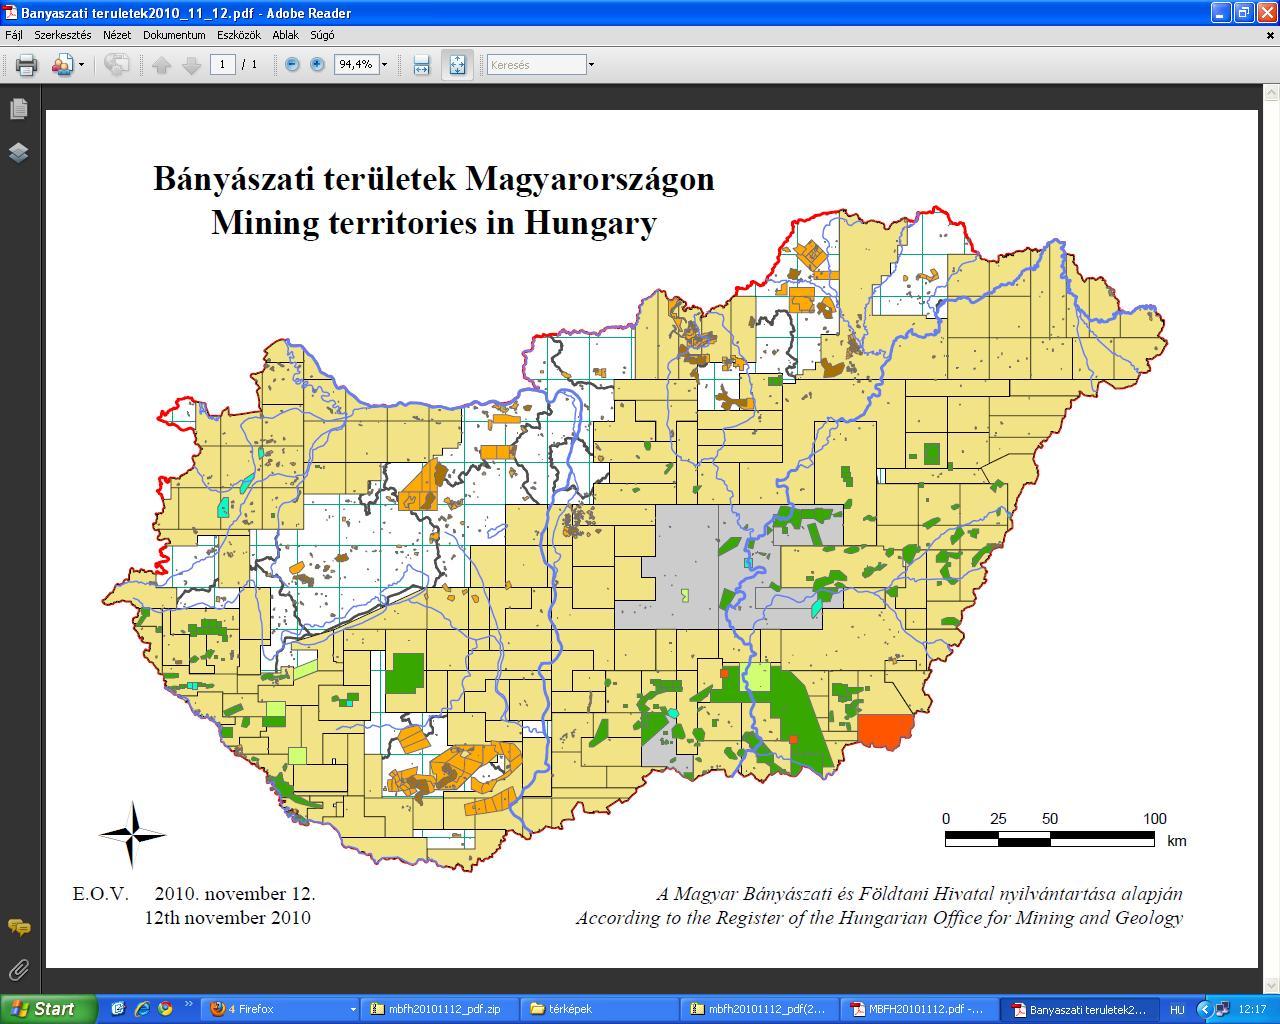 Banyaszati területek Magyarországon